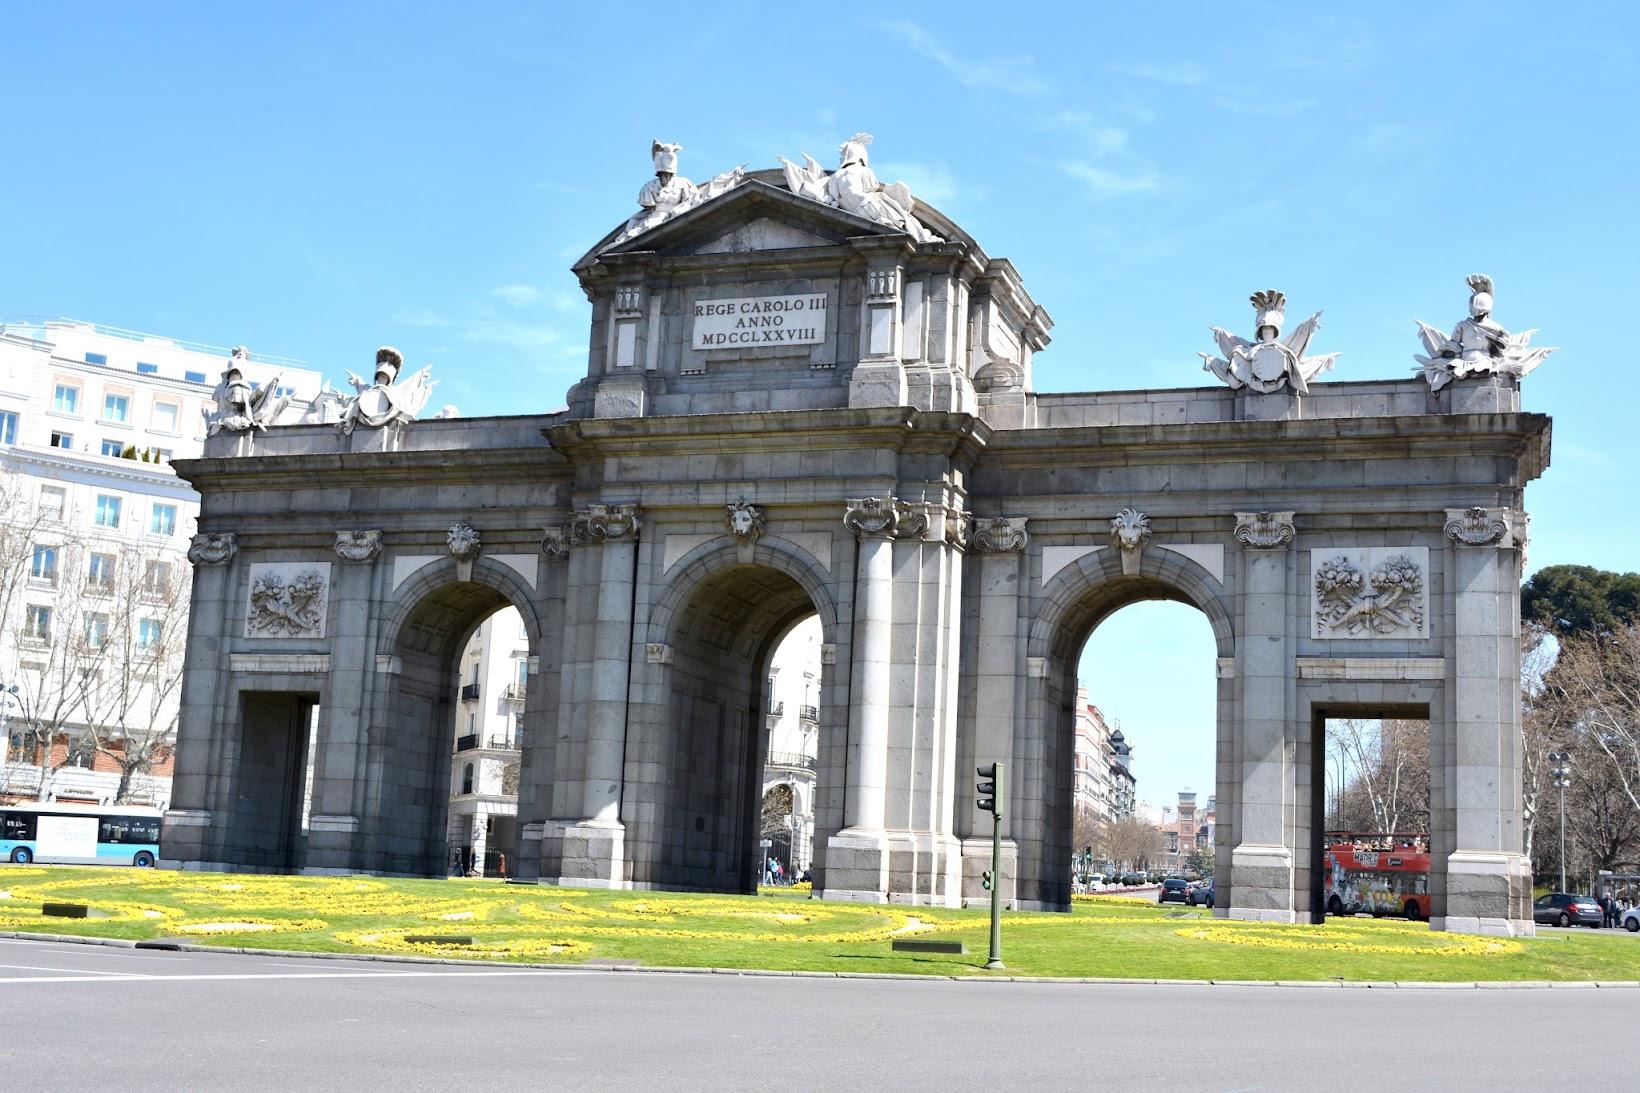 Puerta de Alcalá in Madrid, Puerta de Alcalá en Madrid, Visit Madrid, Madrid sights, Madrid tourism, turismo Madrid